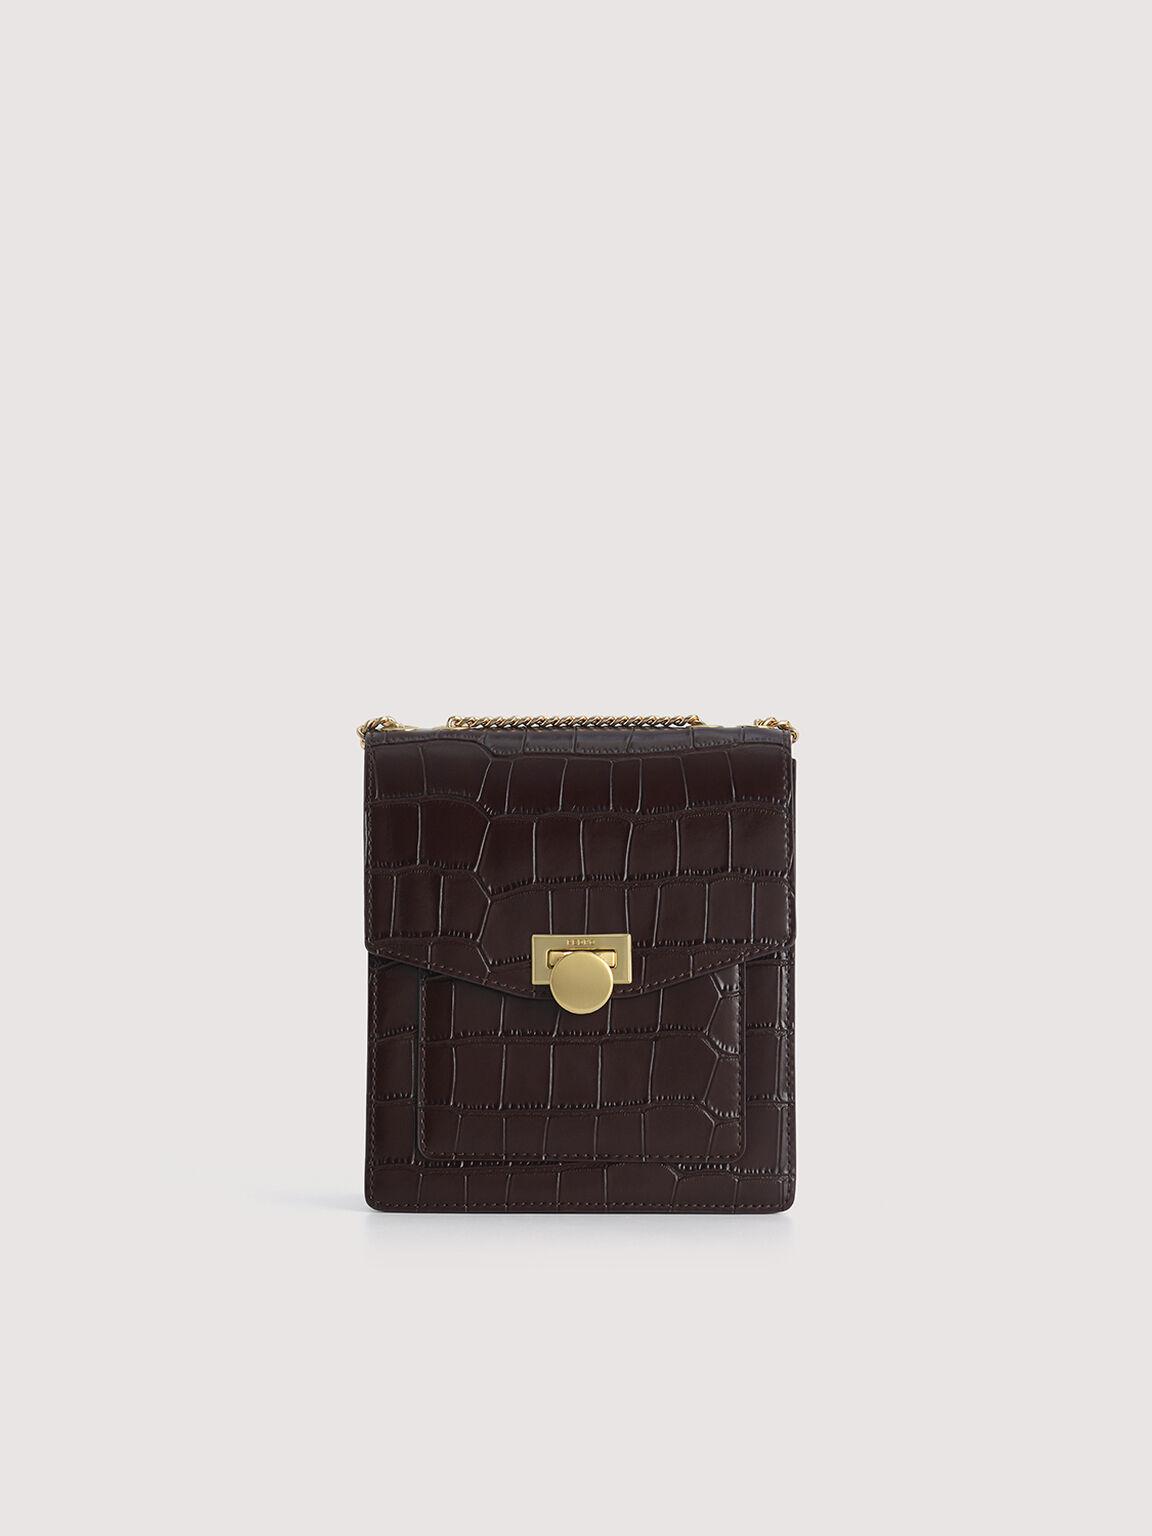 Croc-Effect Leather Shoulder Bag, Mahogany, hi-res